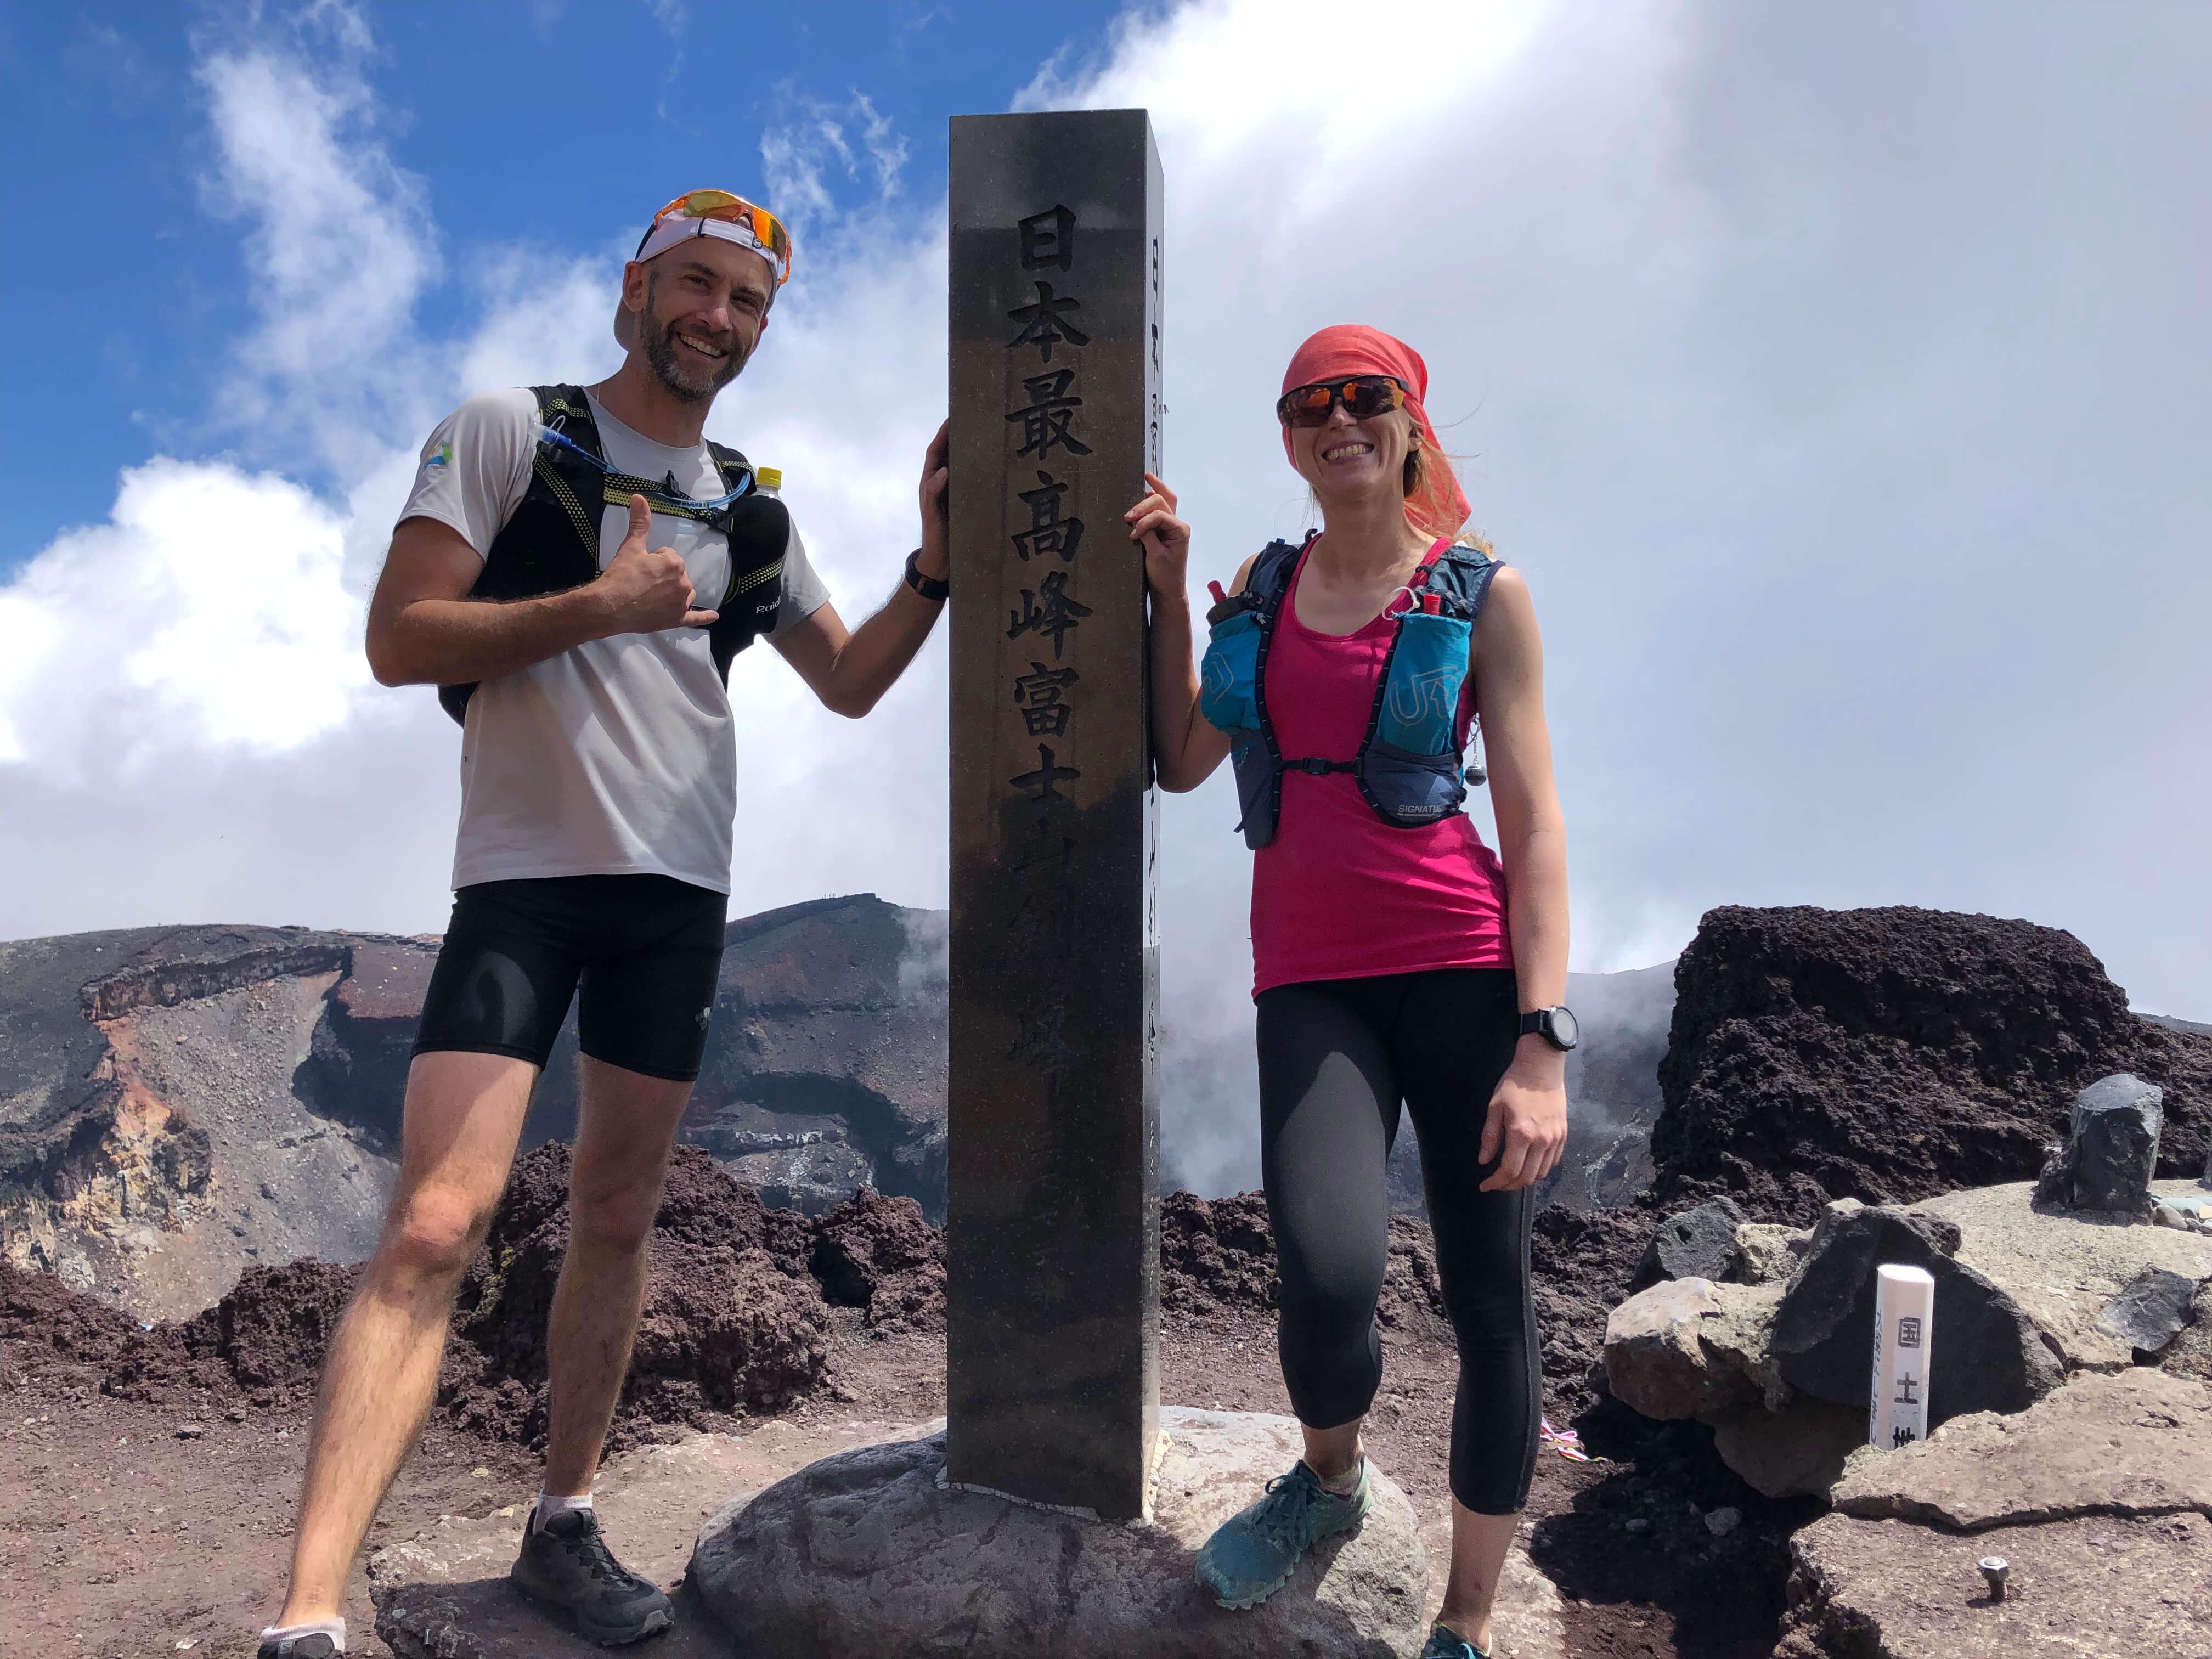 Ascent of Mount Fuji